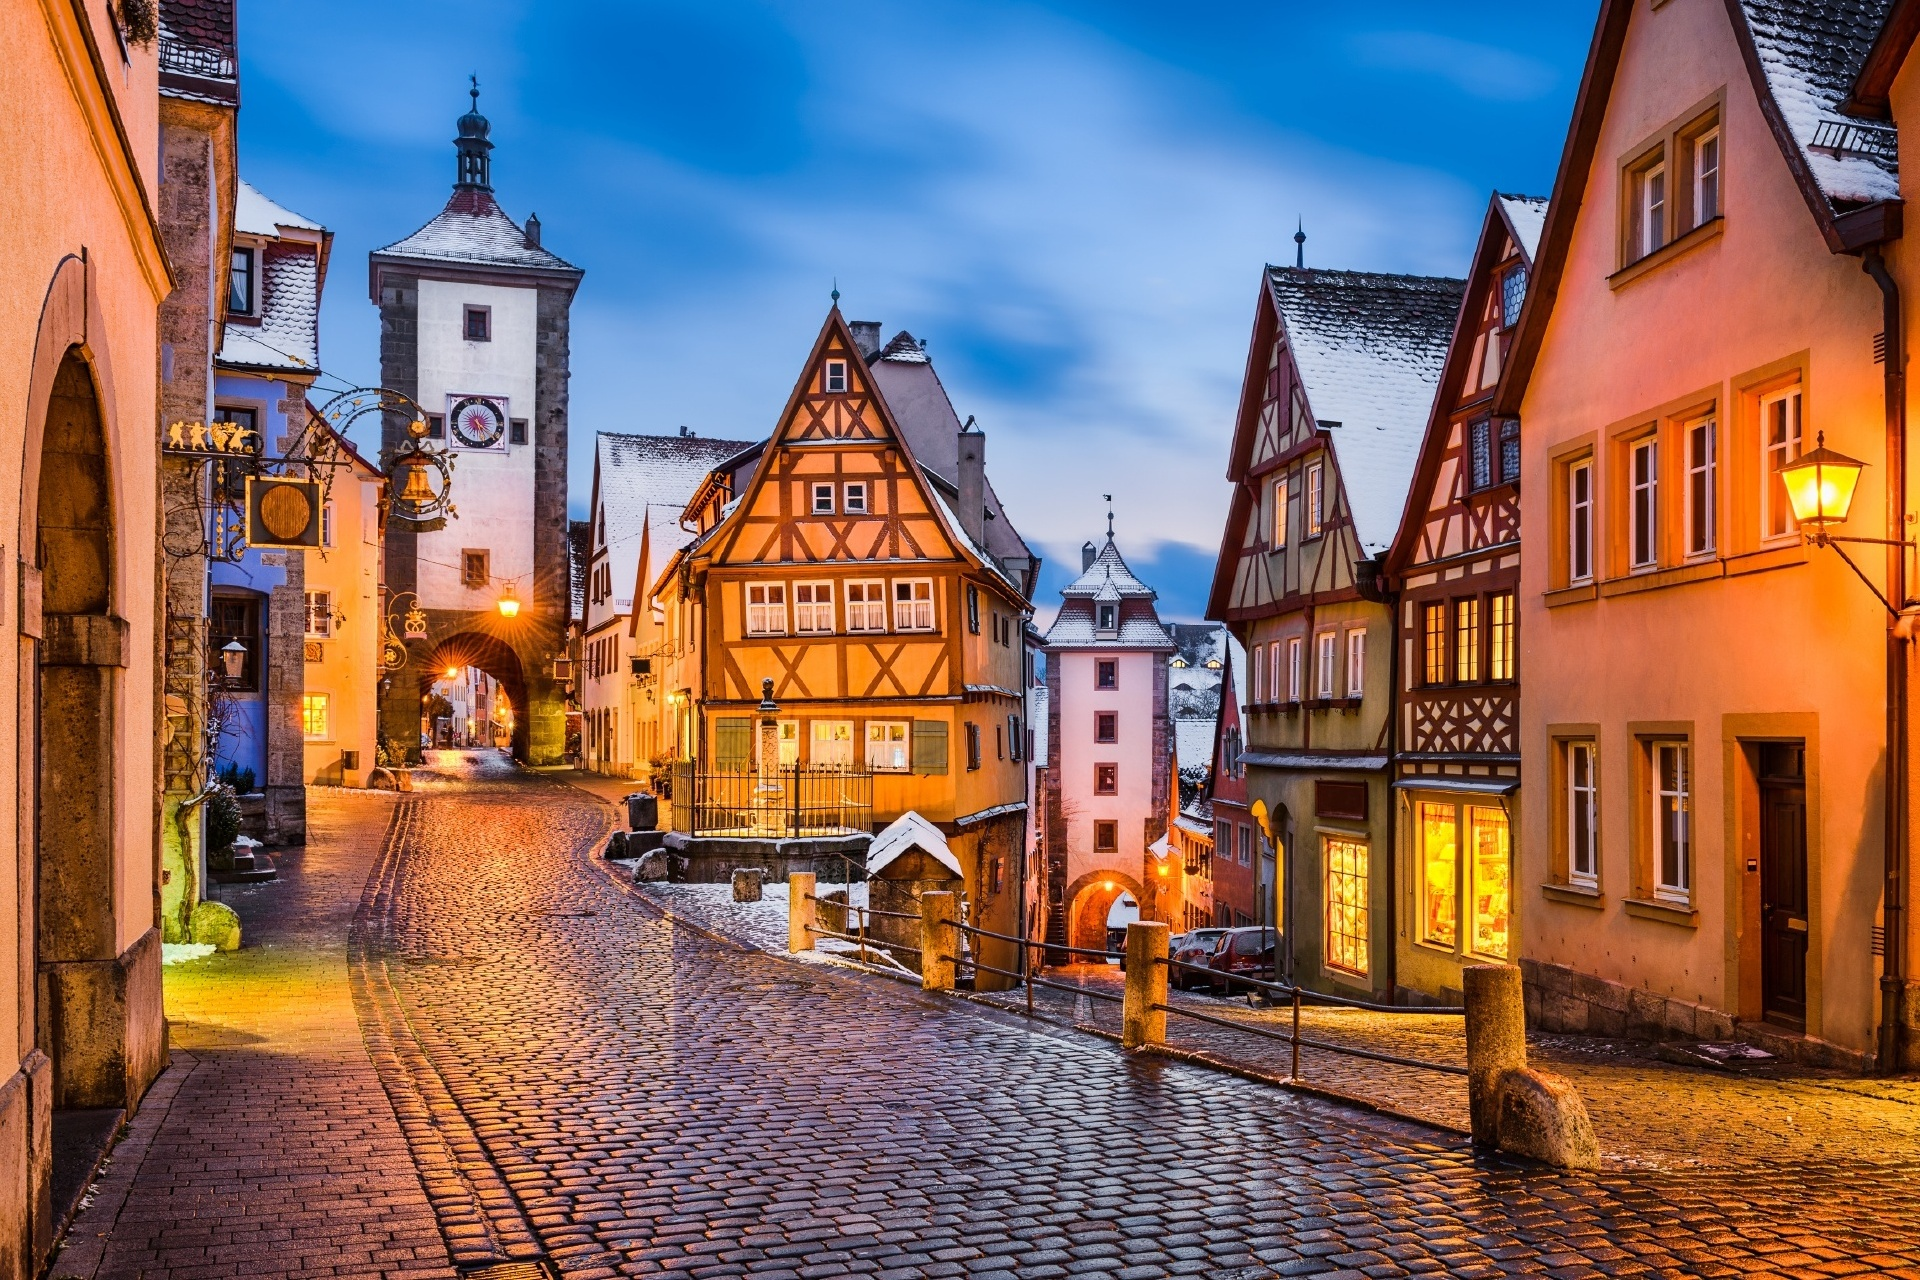 中世の町ローテンブルク プレーンラインの夜の風景 ドイツの風景